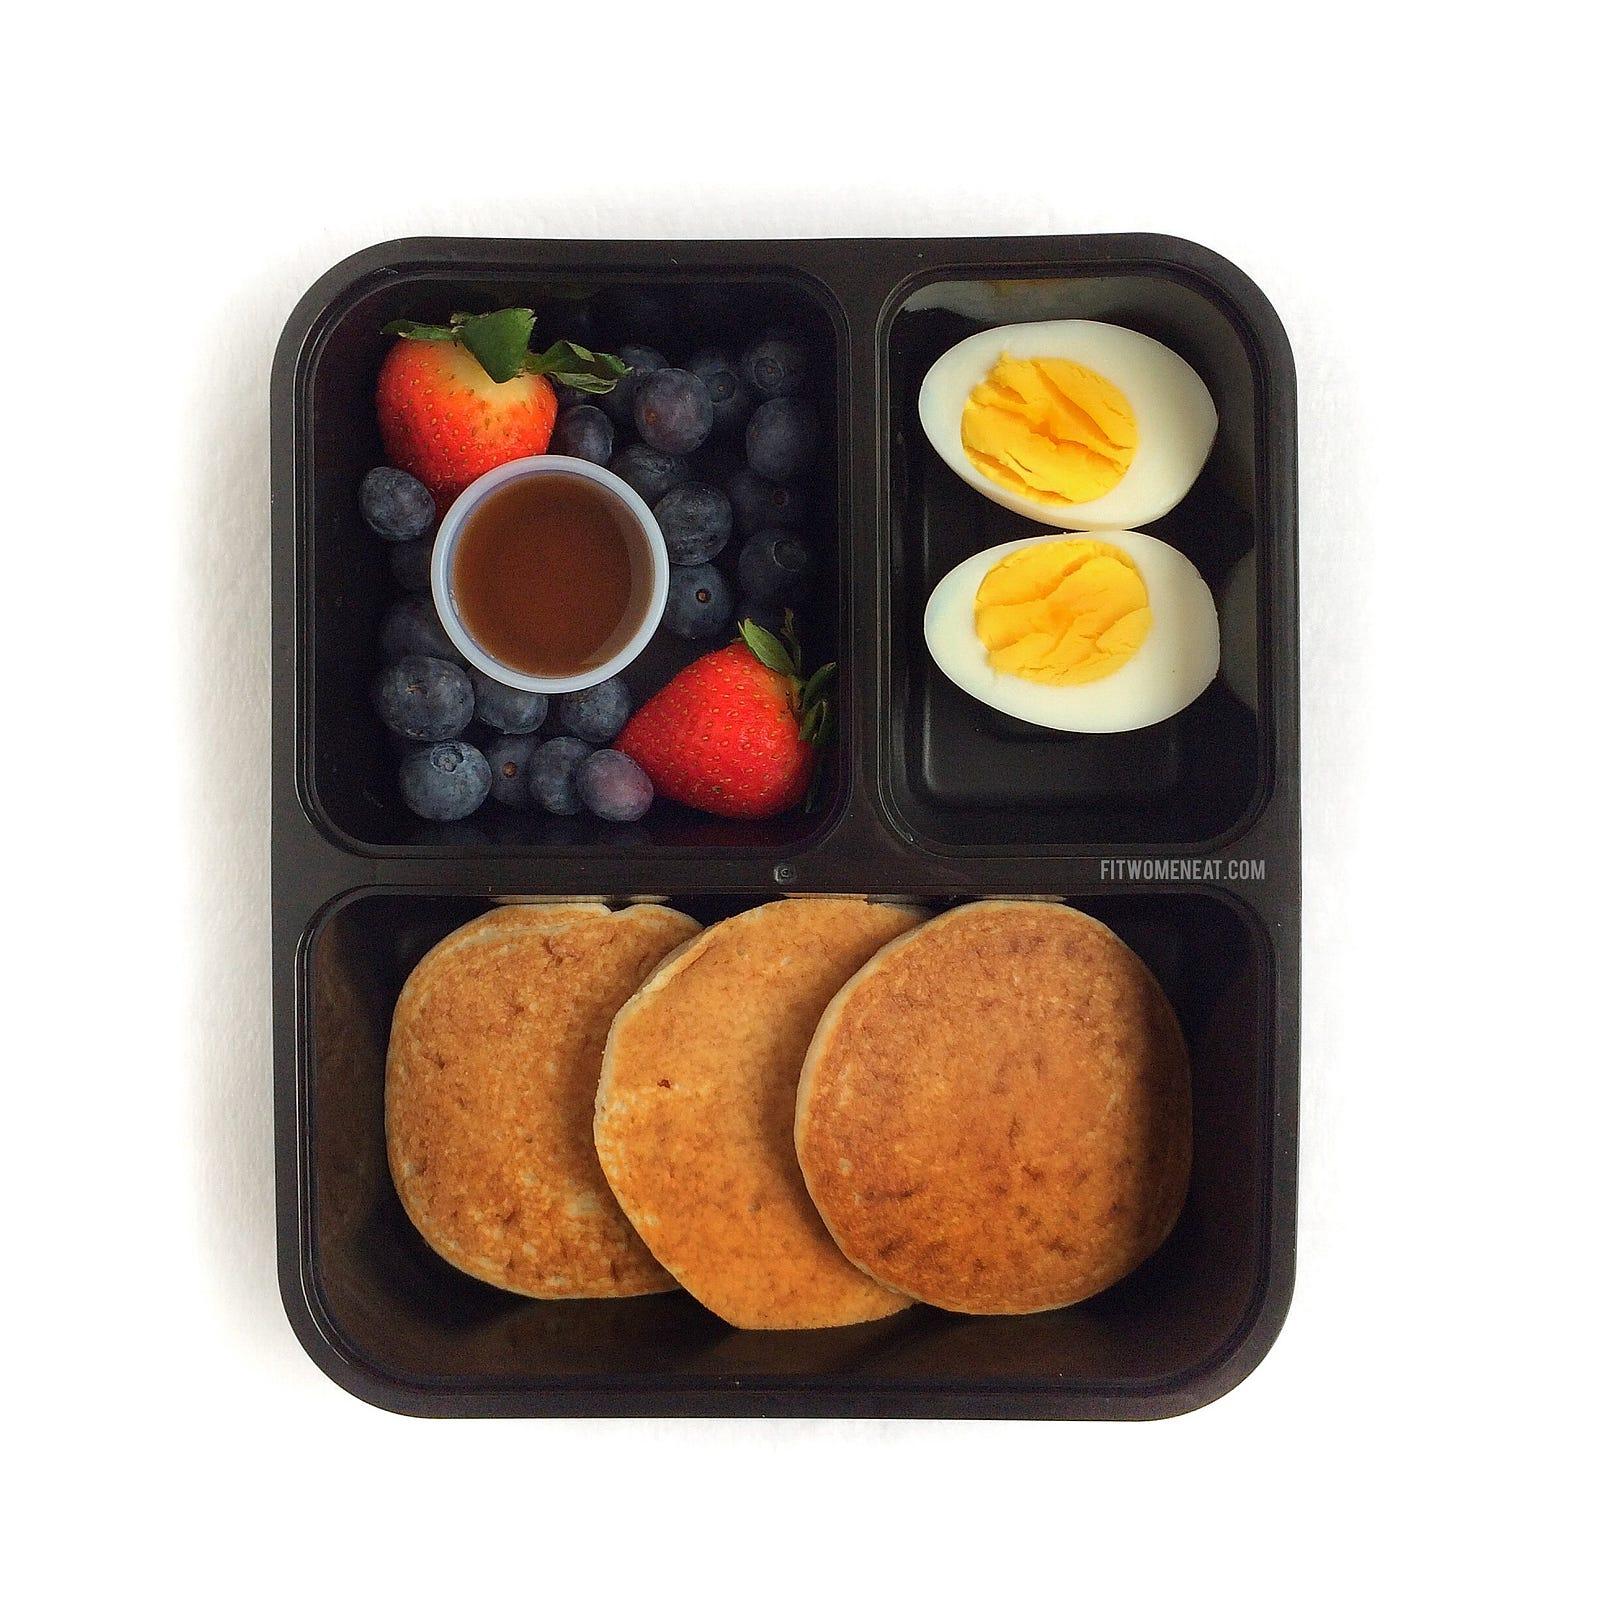 Breakfast Meal Prep Fit Women Eat